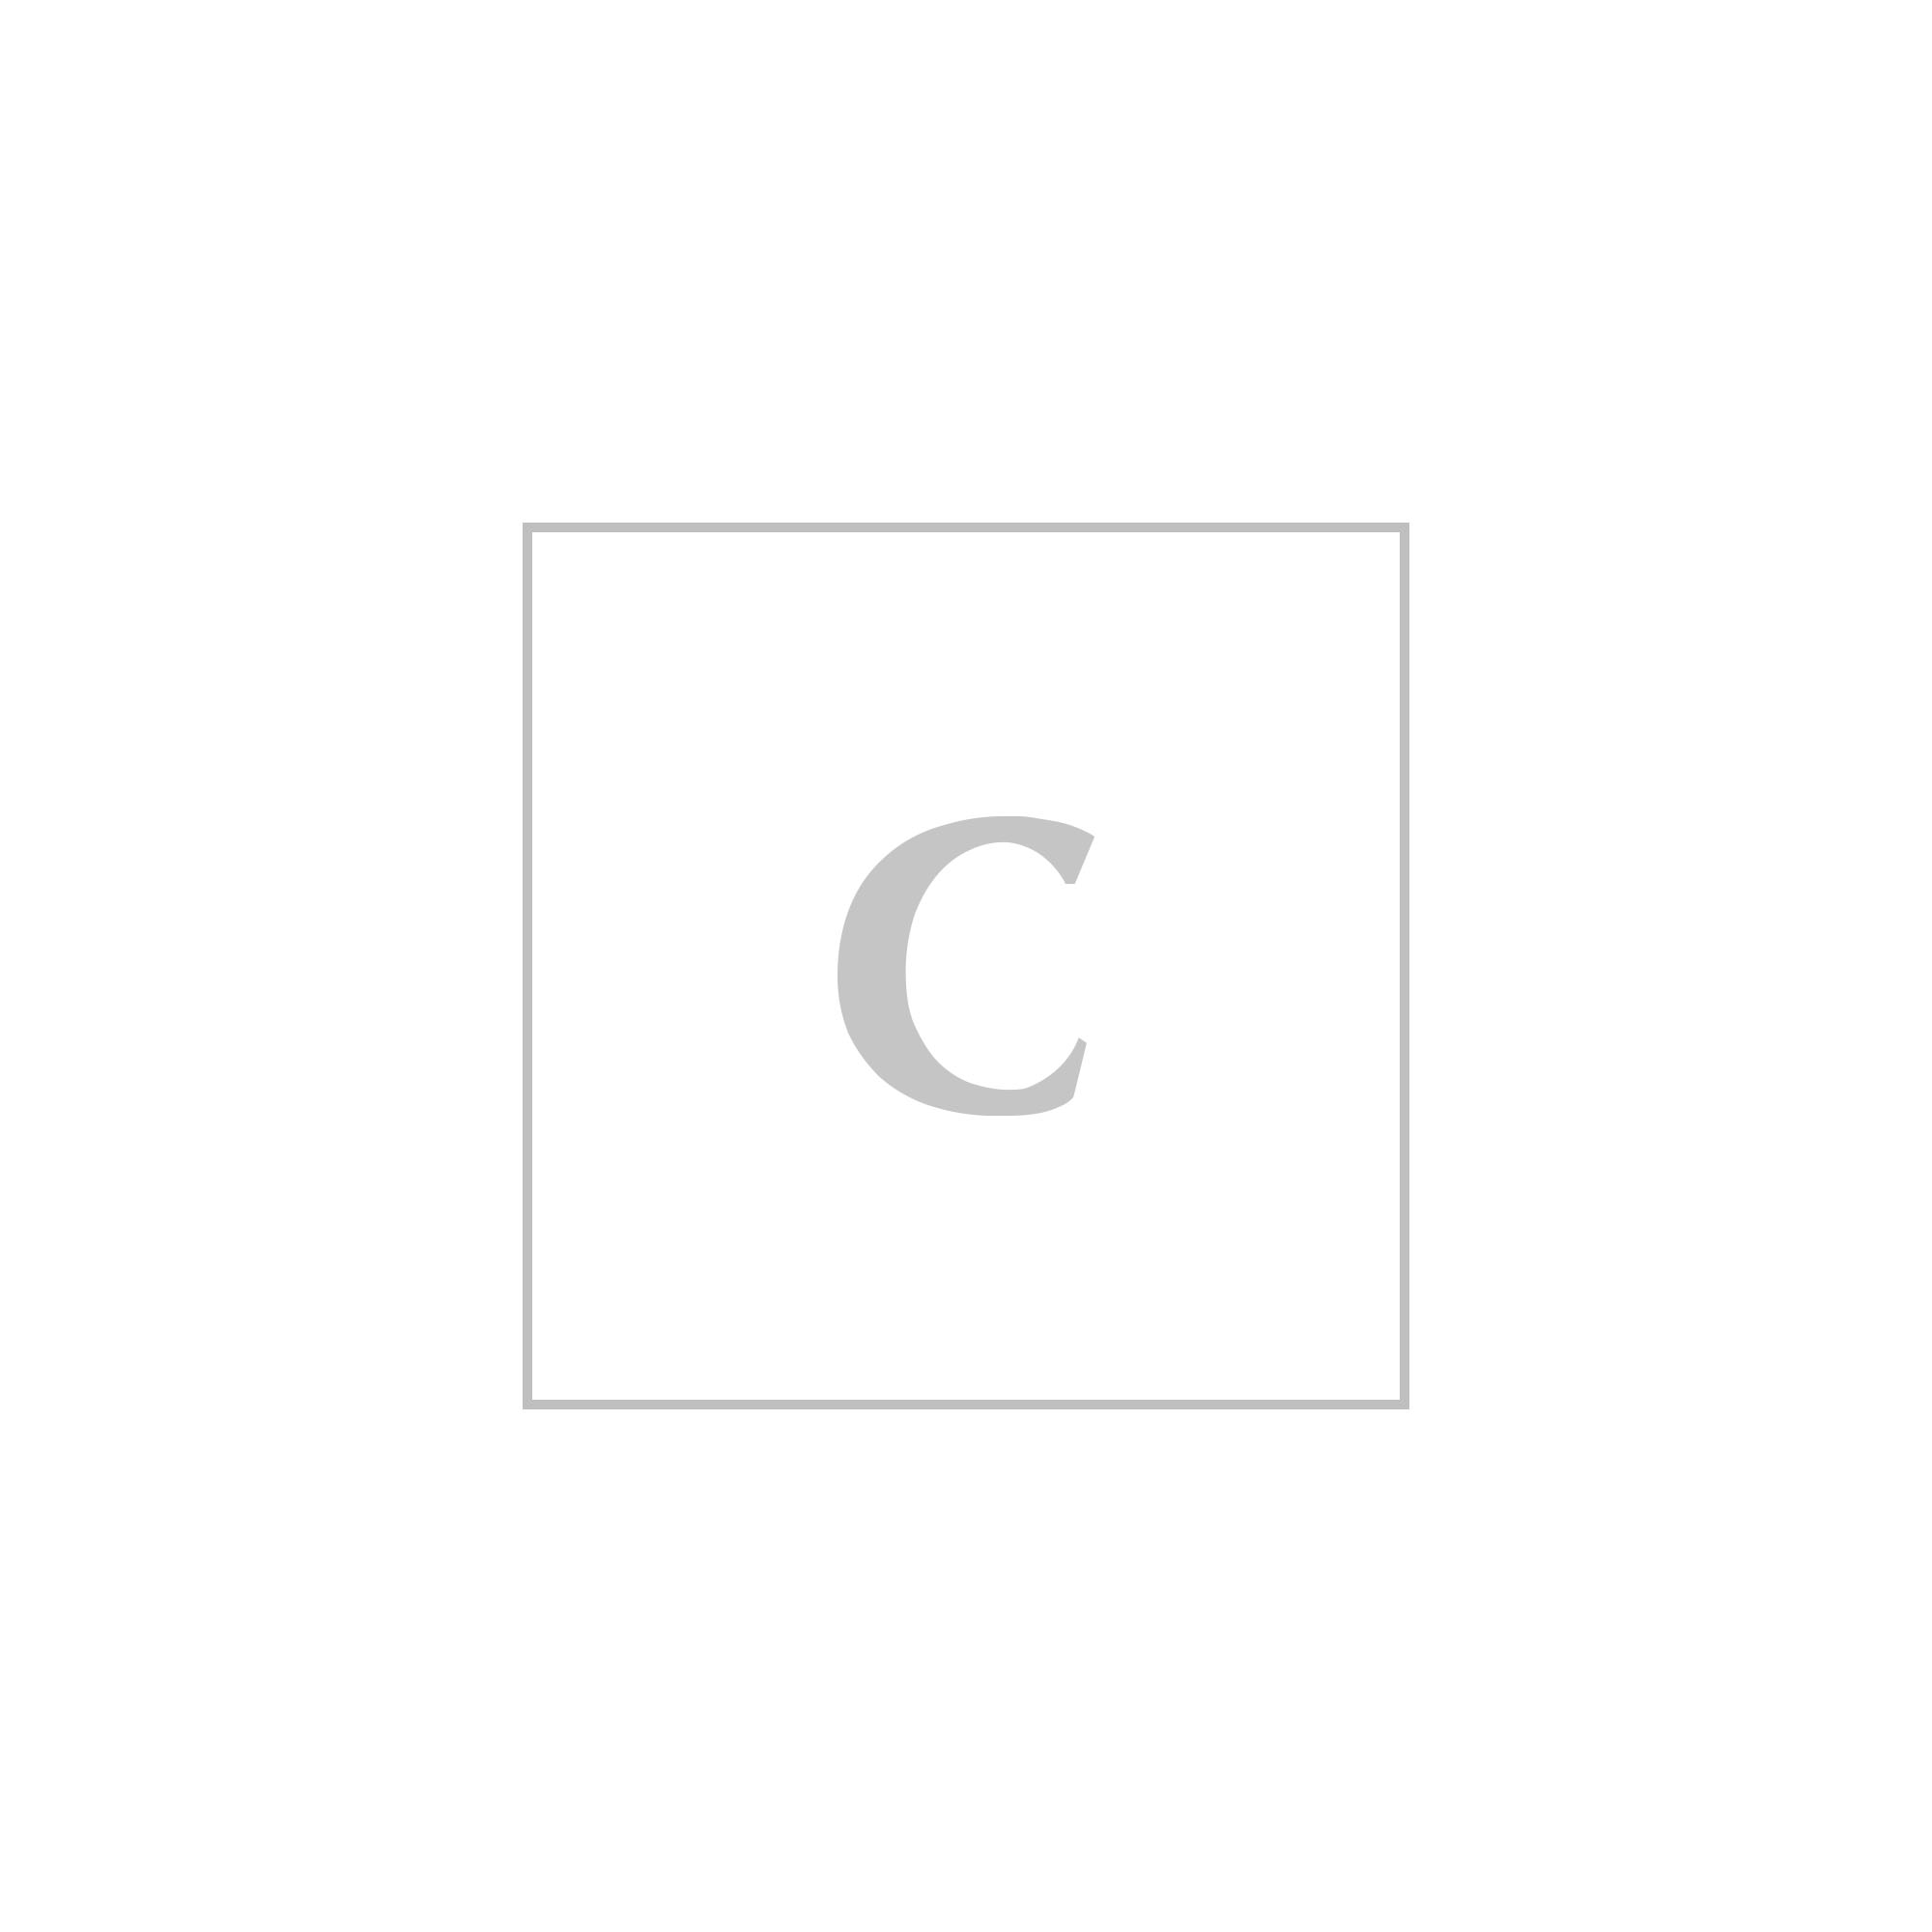 Prada pantalone cloquet ornamentale